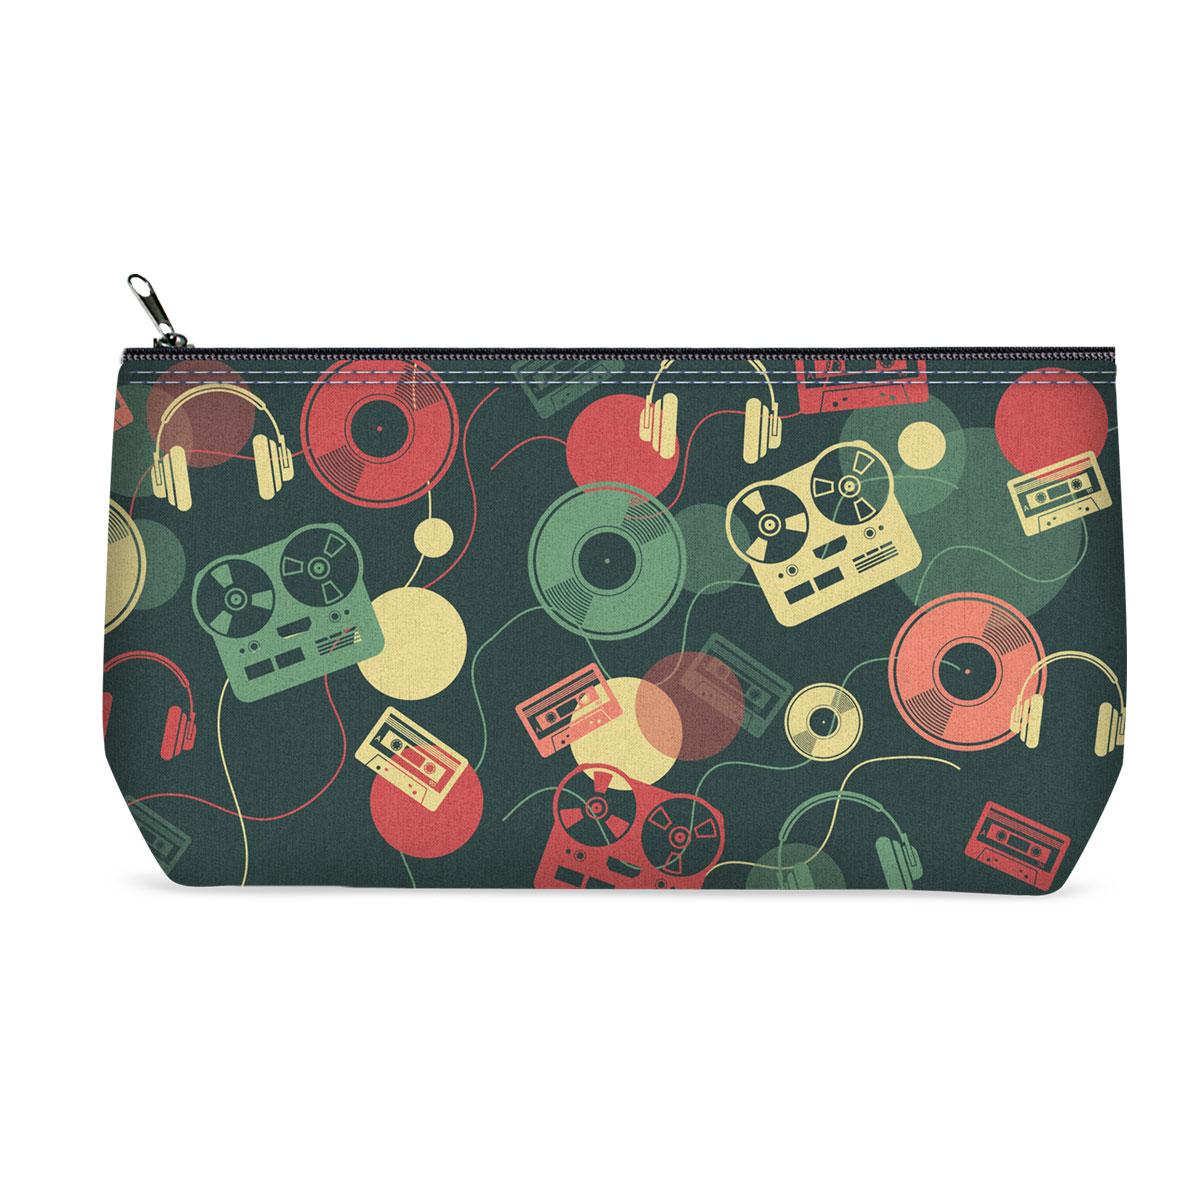 Косметичка ОРЗ-дизайн Диджей, цвет: темно-зеленый, красный. Орз-0361Орз-0361Косметичка Диджей - оригинальный и стильный аксессуар, который придется по душе истинным модникам и поклонникам интересного и необычного дизайна. Качественная сумочка выполнена из прочного текстиля, который надежно защитит ваши вещи от пыли и влаги, и оформлена оригинальным принтом. Рисунок нанесён специальным образом и защищён от стирания. Изделие идеально подходит для хранения косметики, таблеток, украшений, ключей, зарядных устройств, мобильного телефона или документов. Простая, но в то же время стильная косметичка определенно выделит своего обладателя из толпы и непременно поднимет настроение. А яркий современный дизайн, который является основной фишкой данной модели, будет радовать глаз.